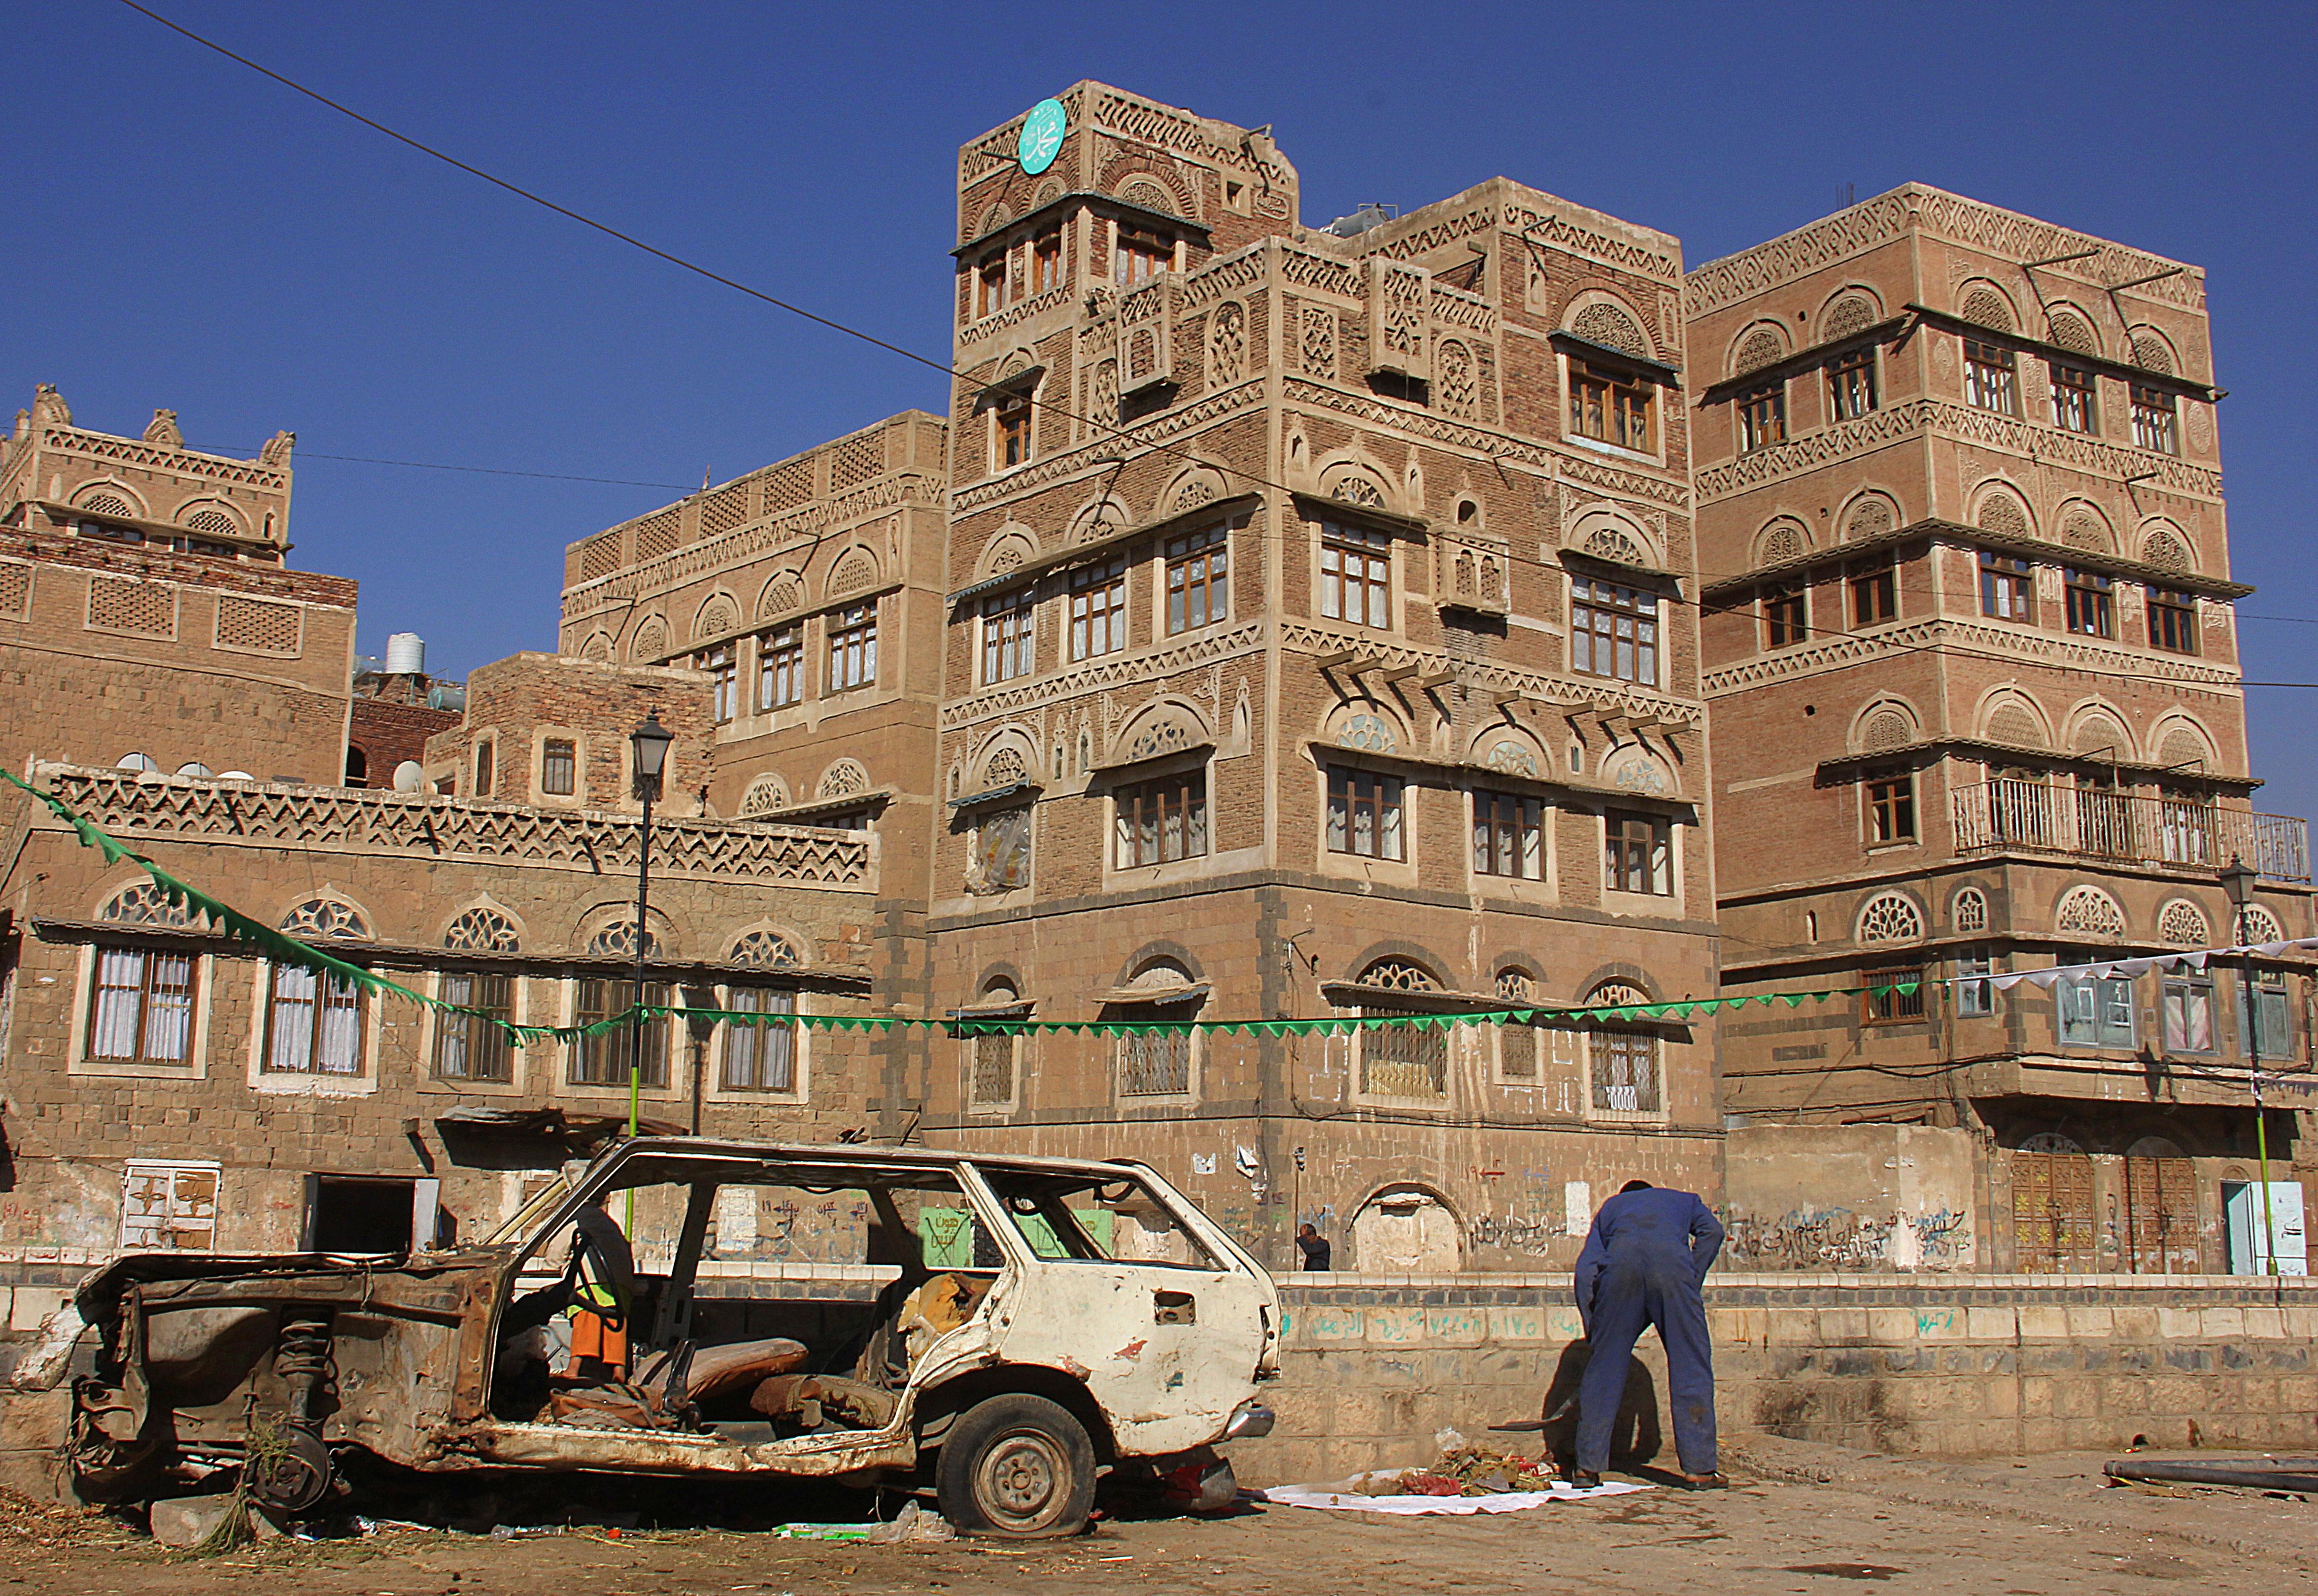 Sanaa despite